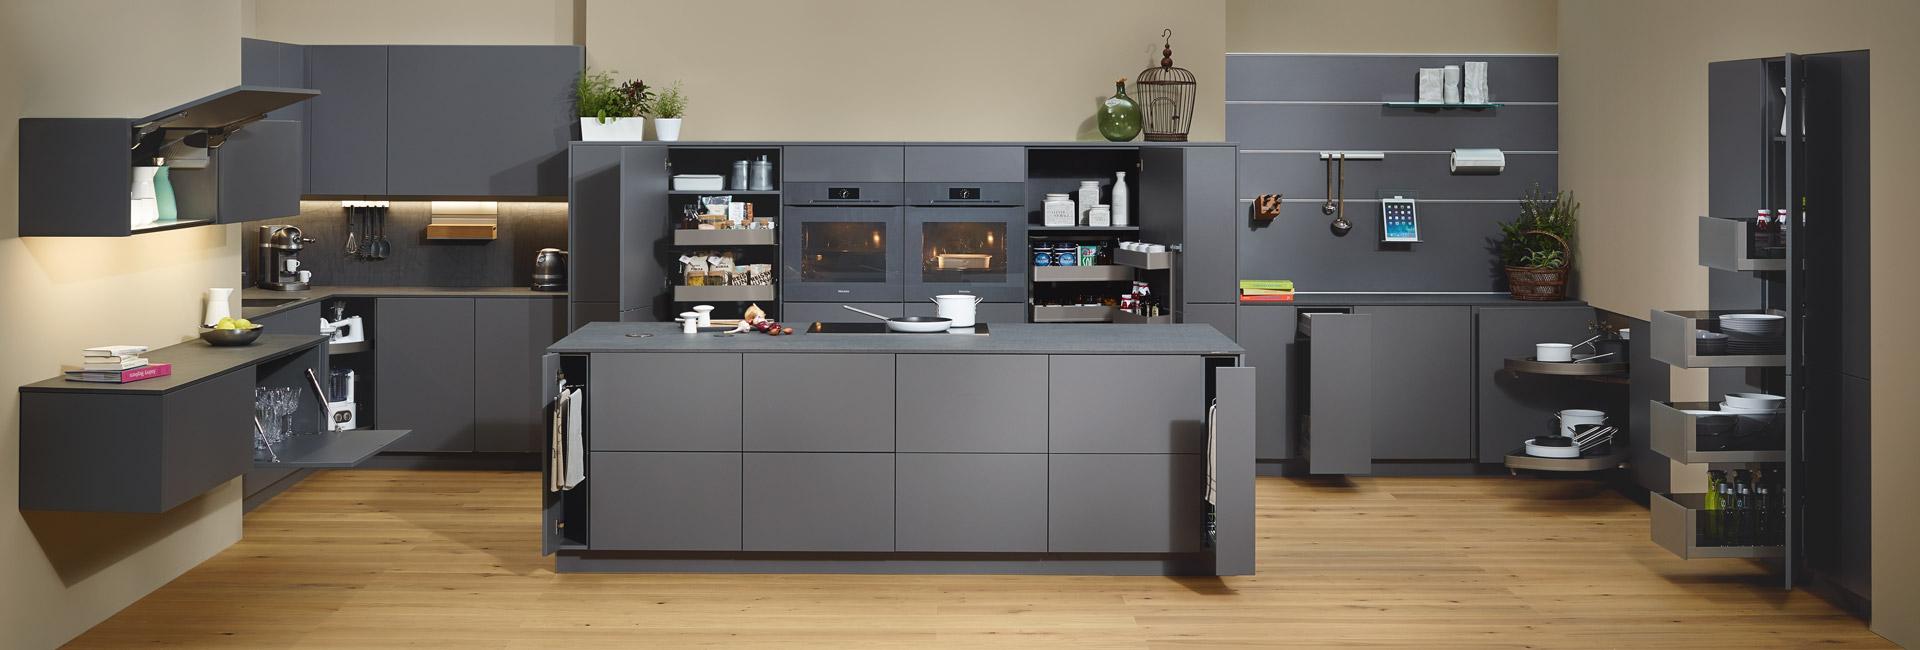 Bild: moderne Küche